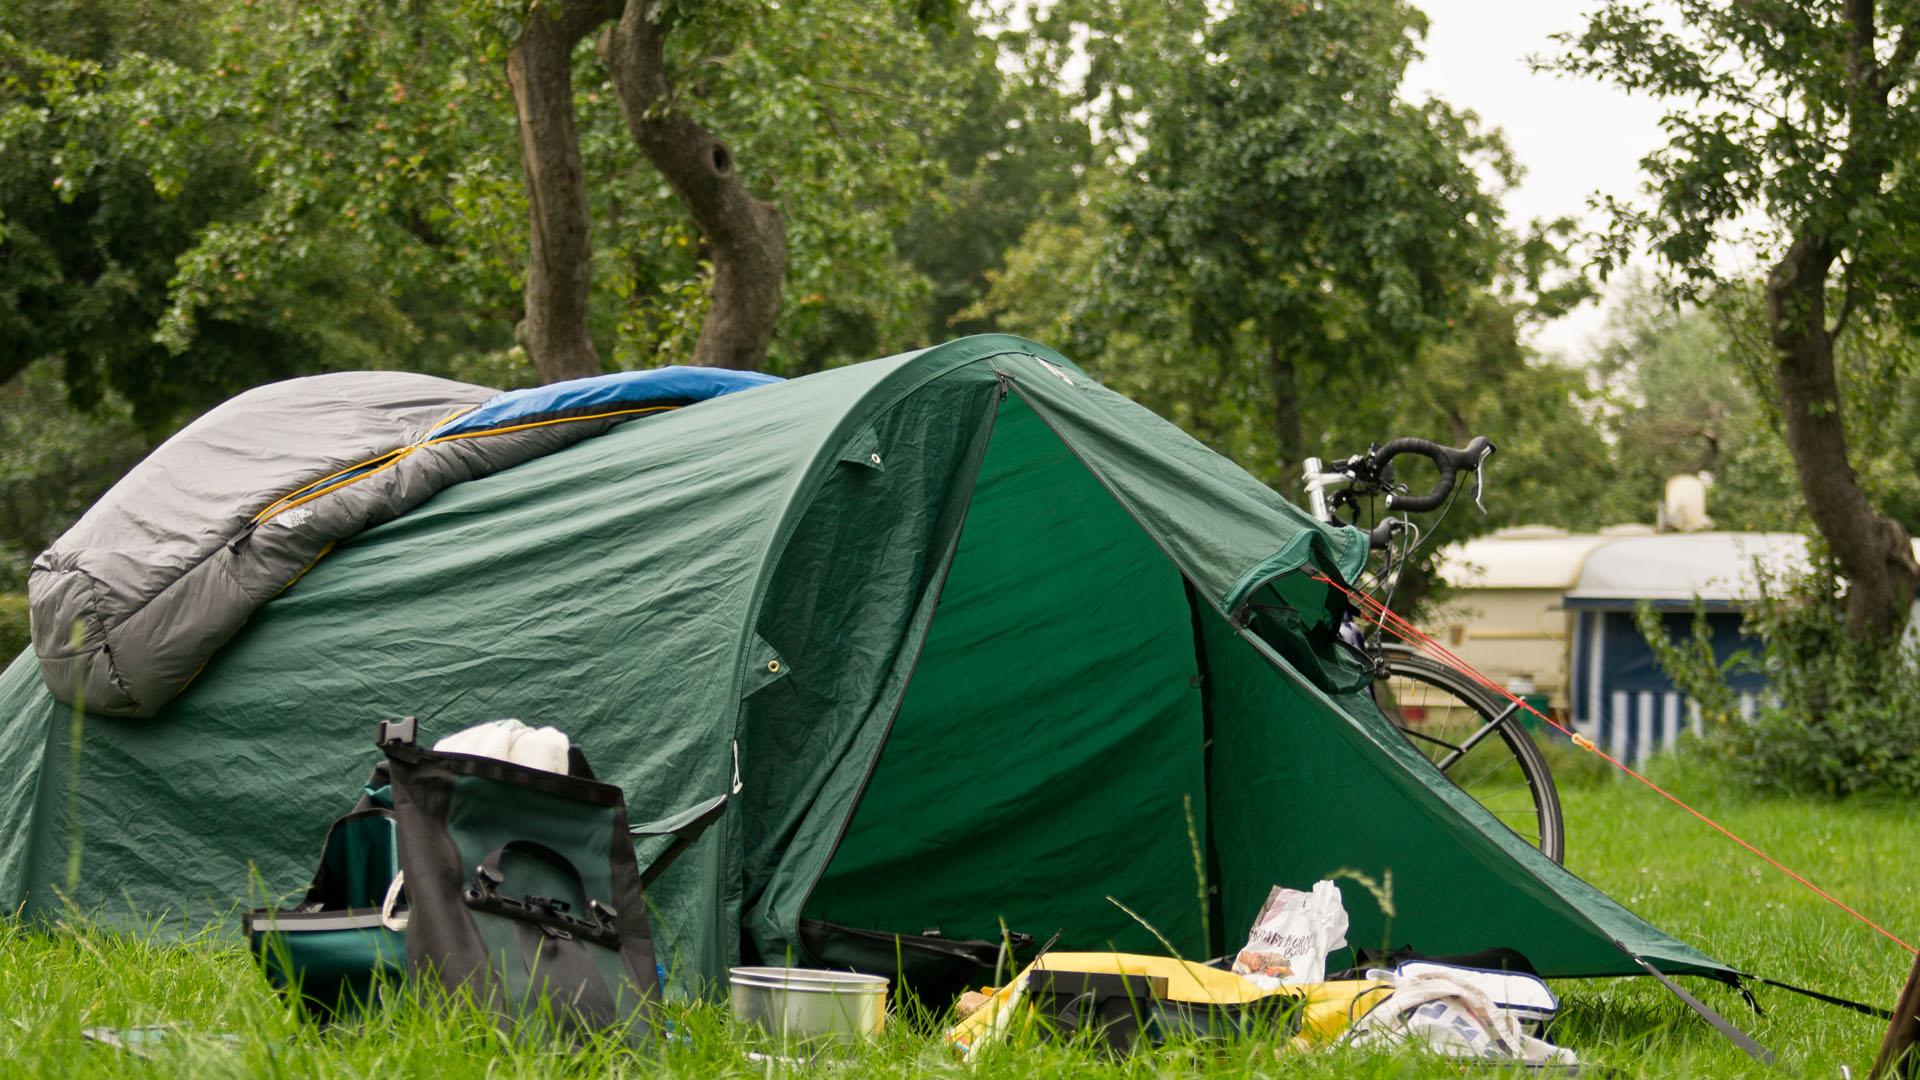 Campingplatz in Ascheberg